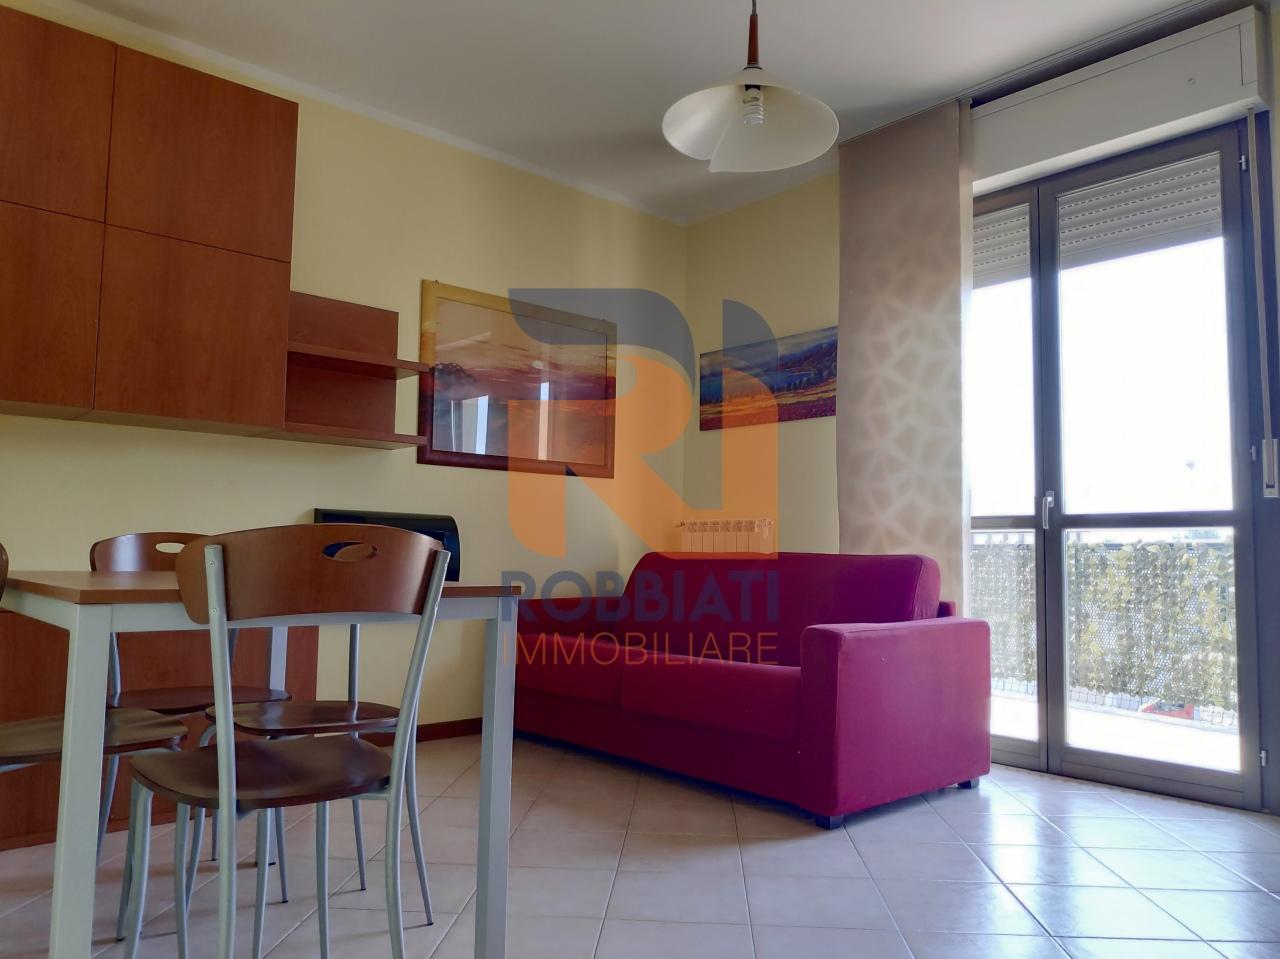 Appartamento in affitto a San Martino Siccomario, 3 locali, prezzo € 500   PortaleAgenzieImmobiliari.it